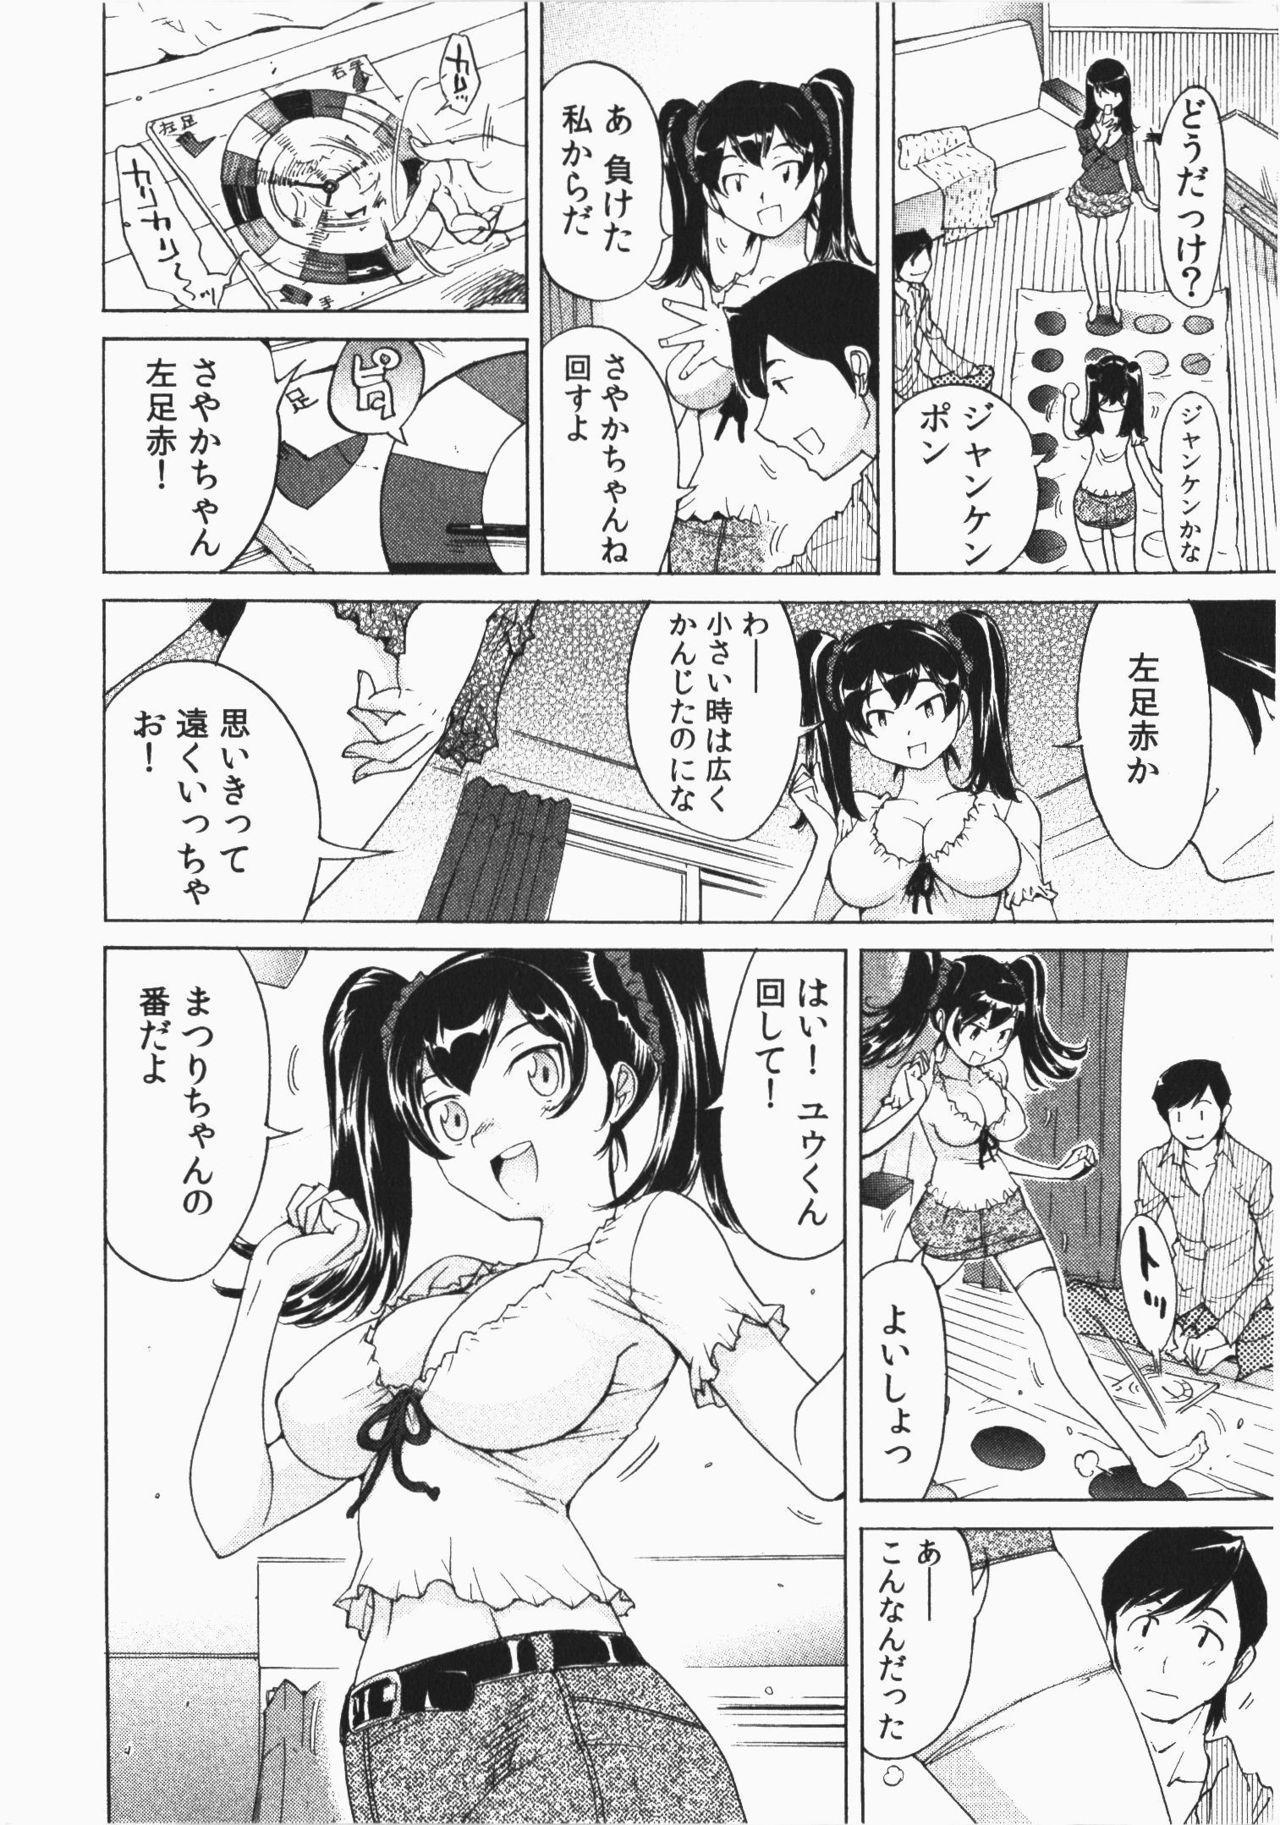 Ukkari Haicchatta! Itoko to Micchaku Game Chuu 7